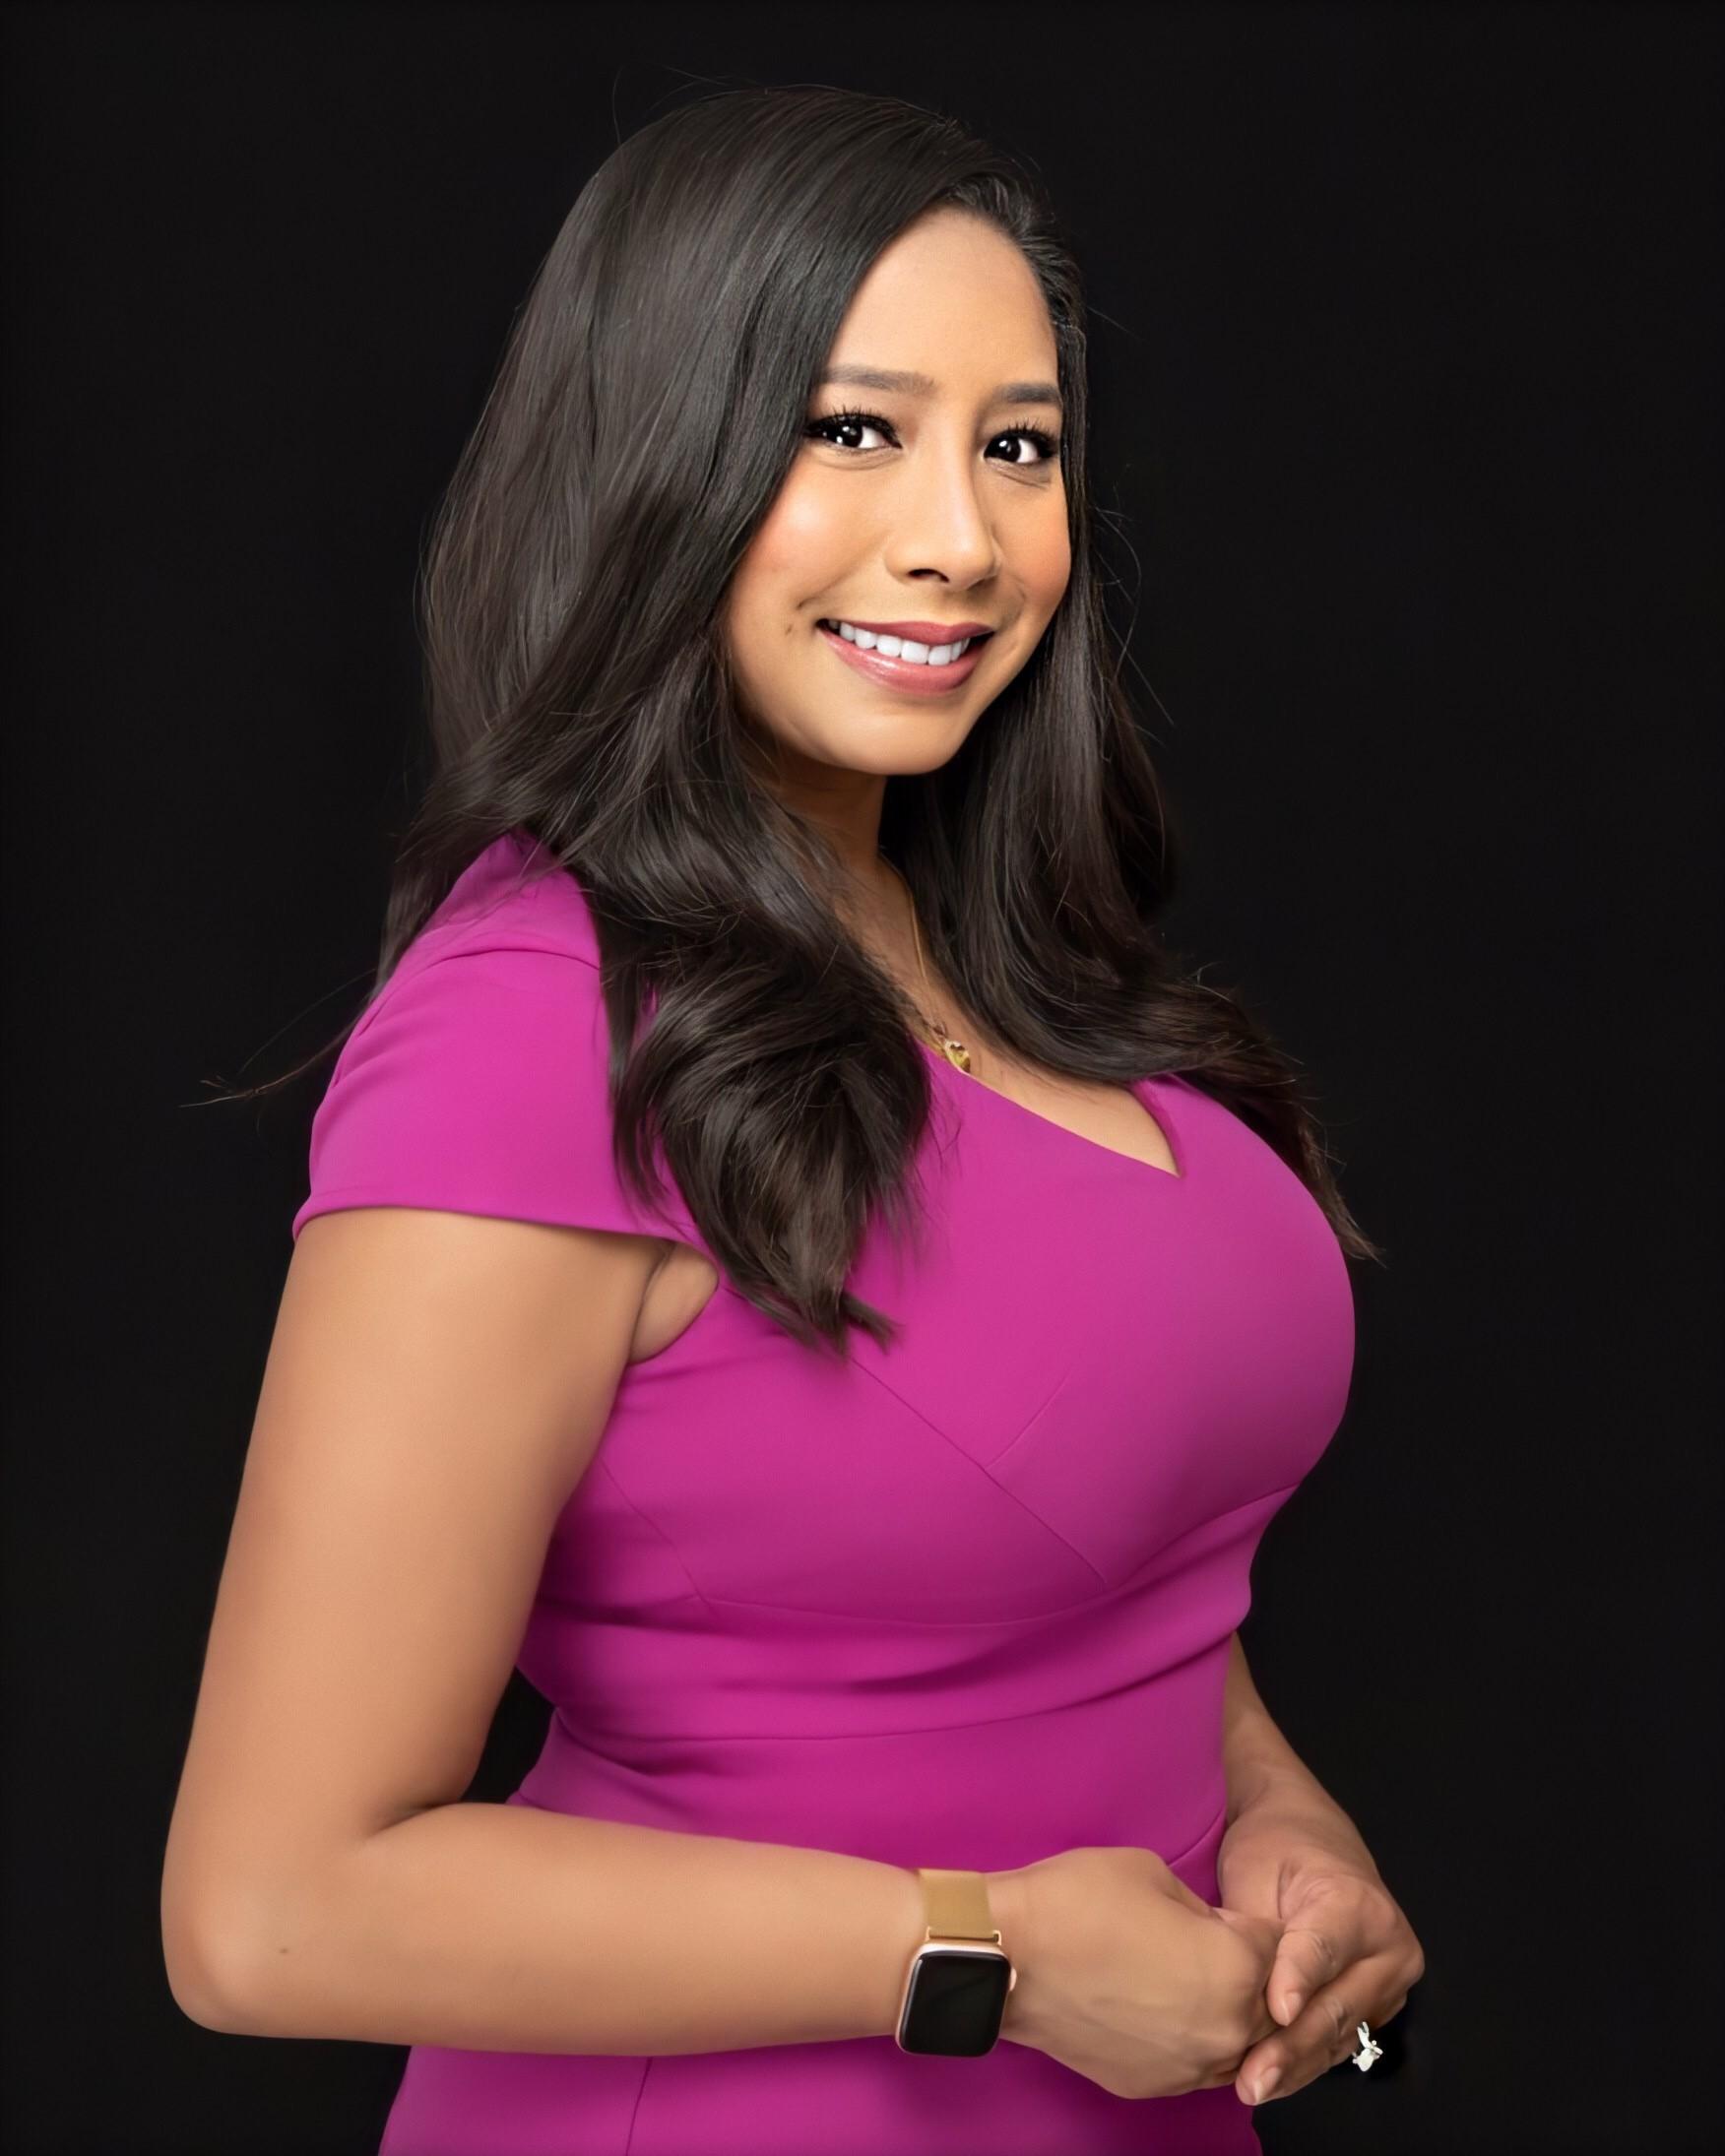 Erica Kato